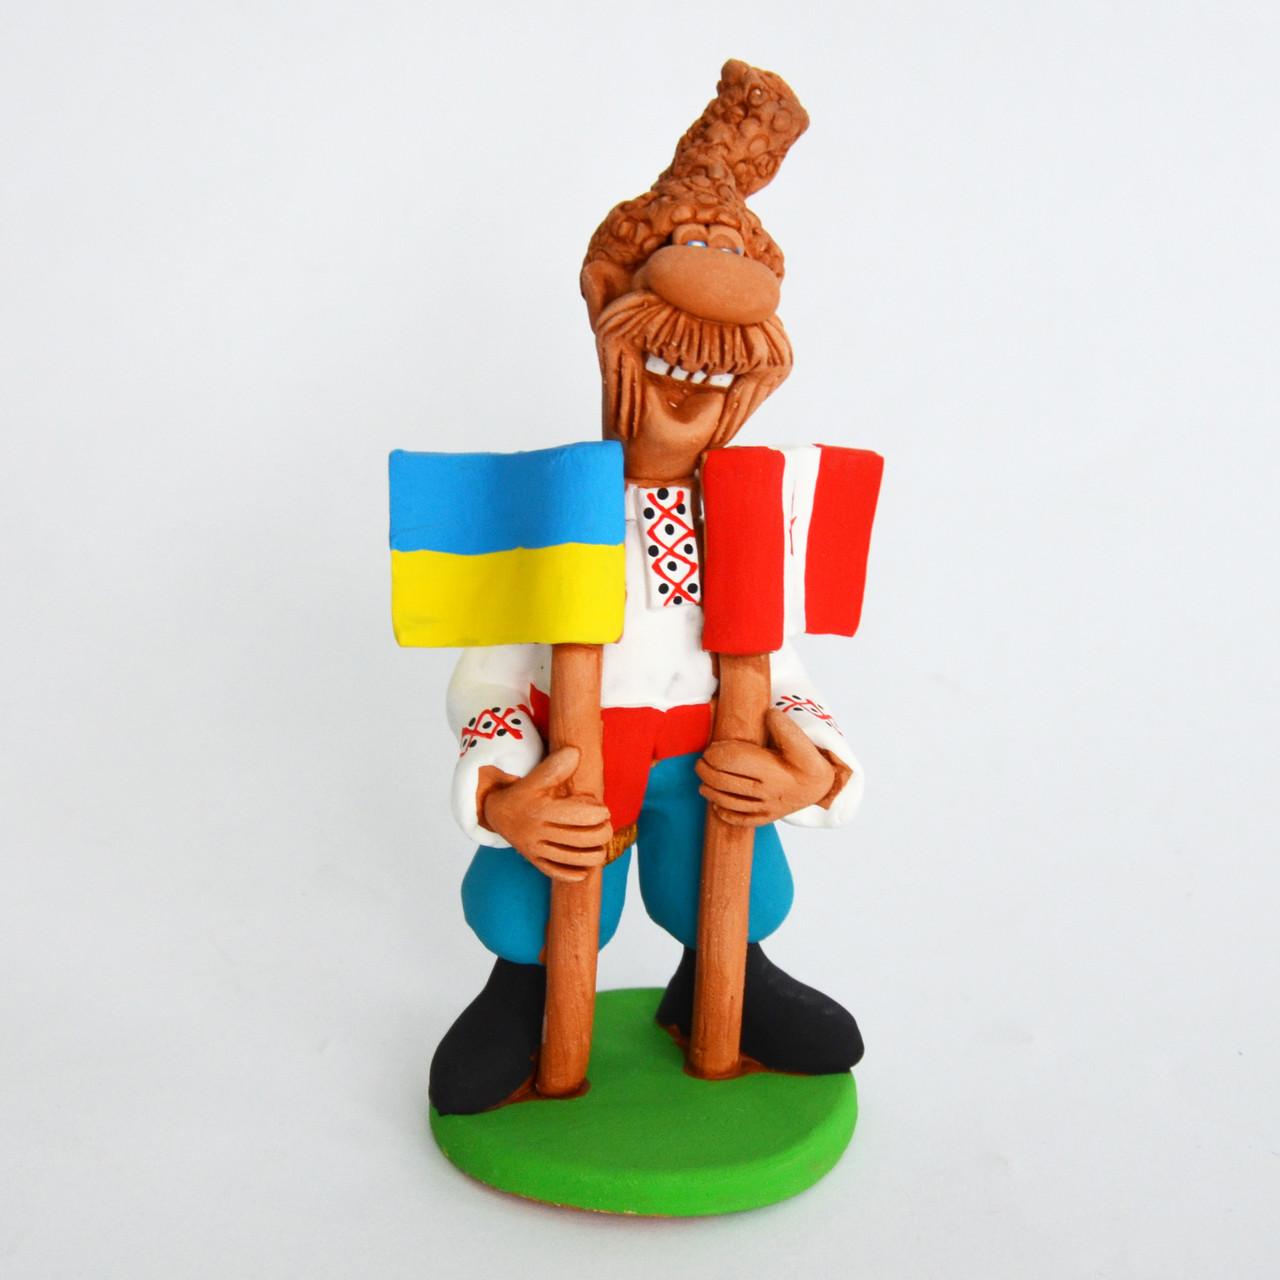 Глиняная статуэтка. Козак с двумя флагами (Украина, Канада). Украинский сувенир